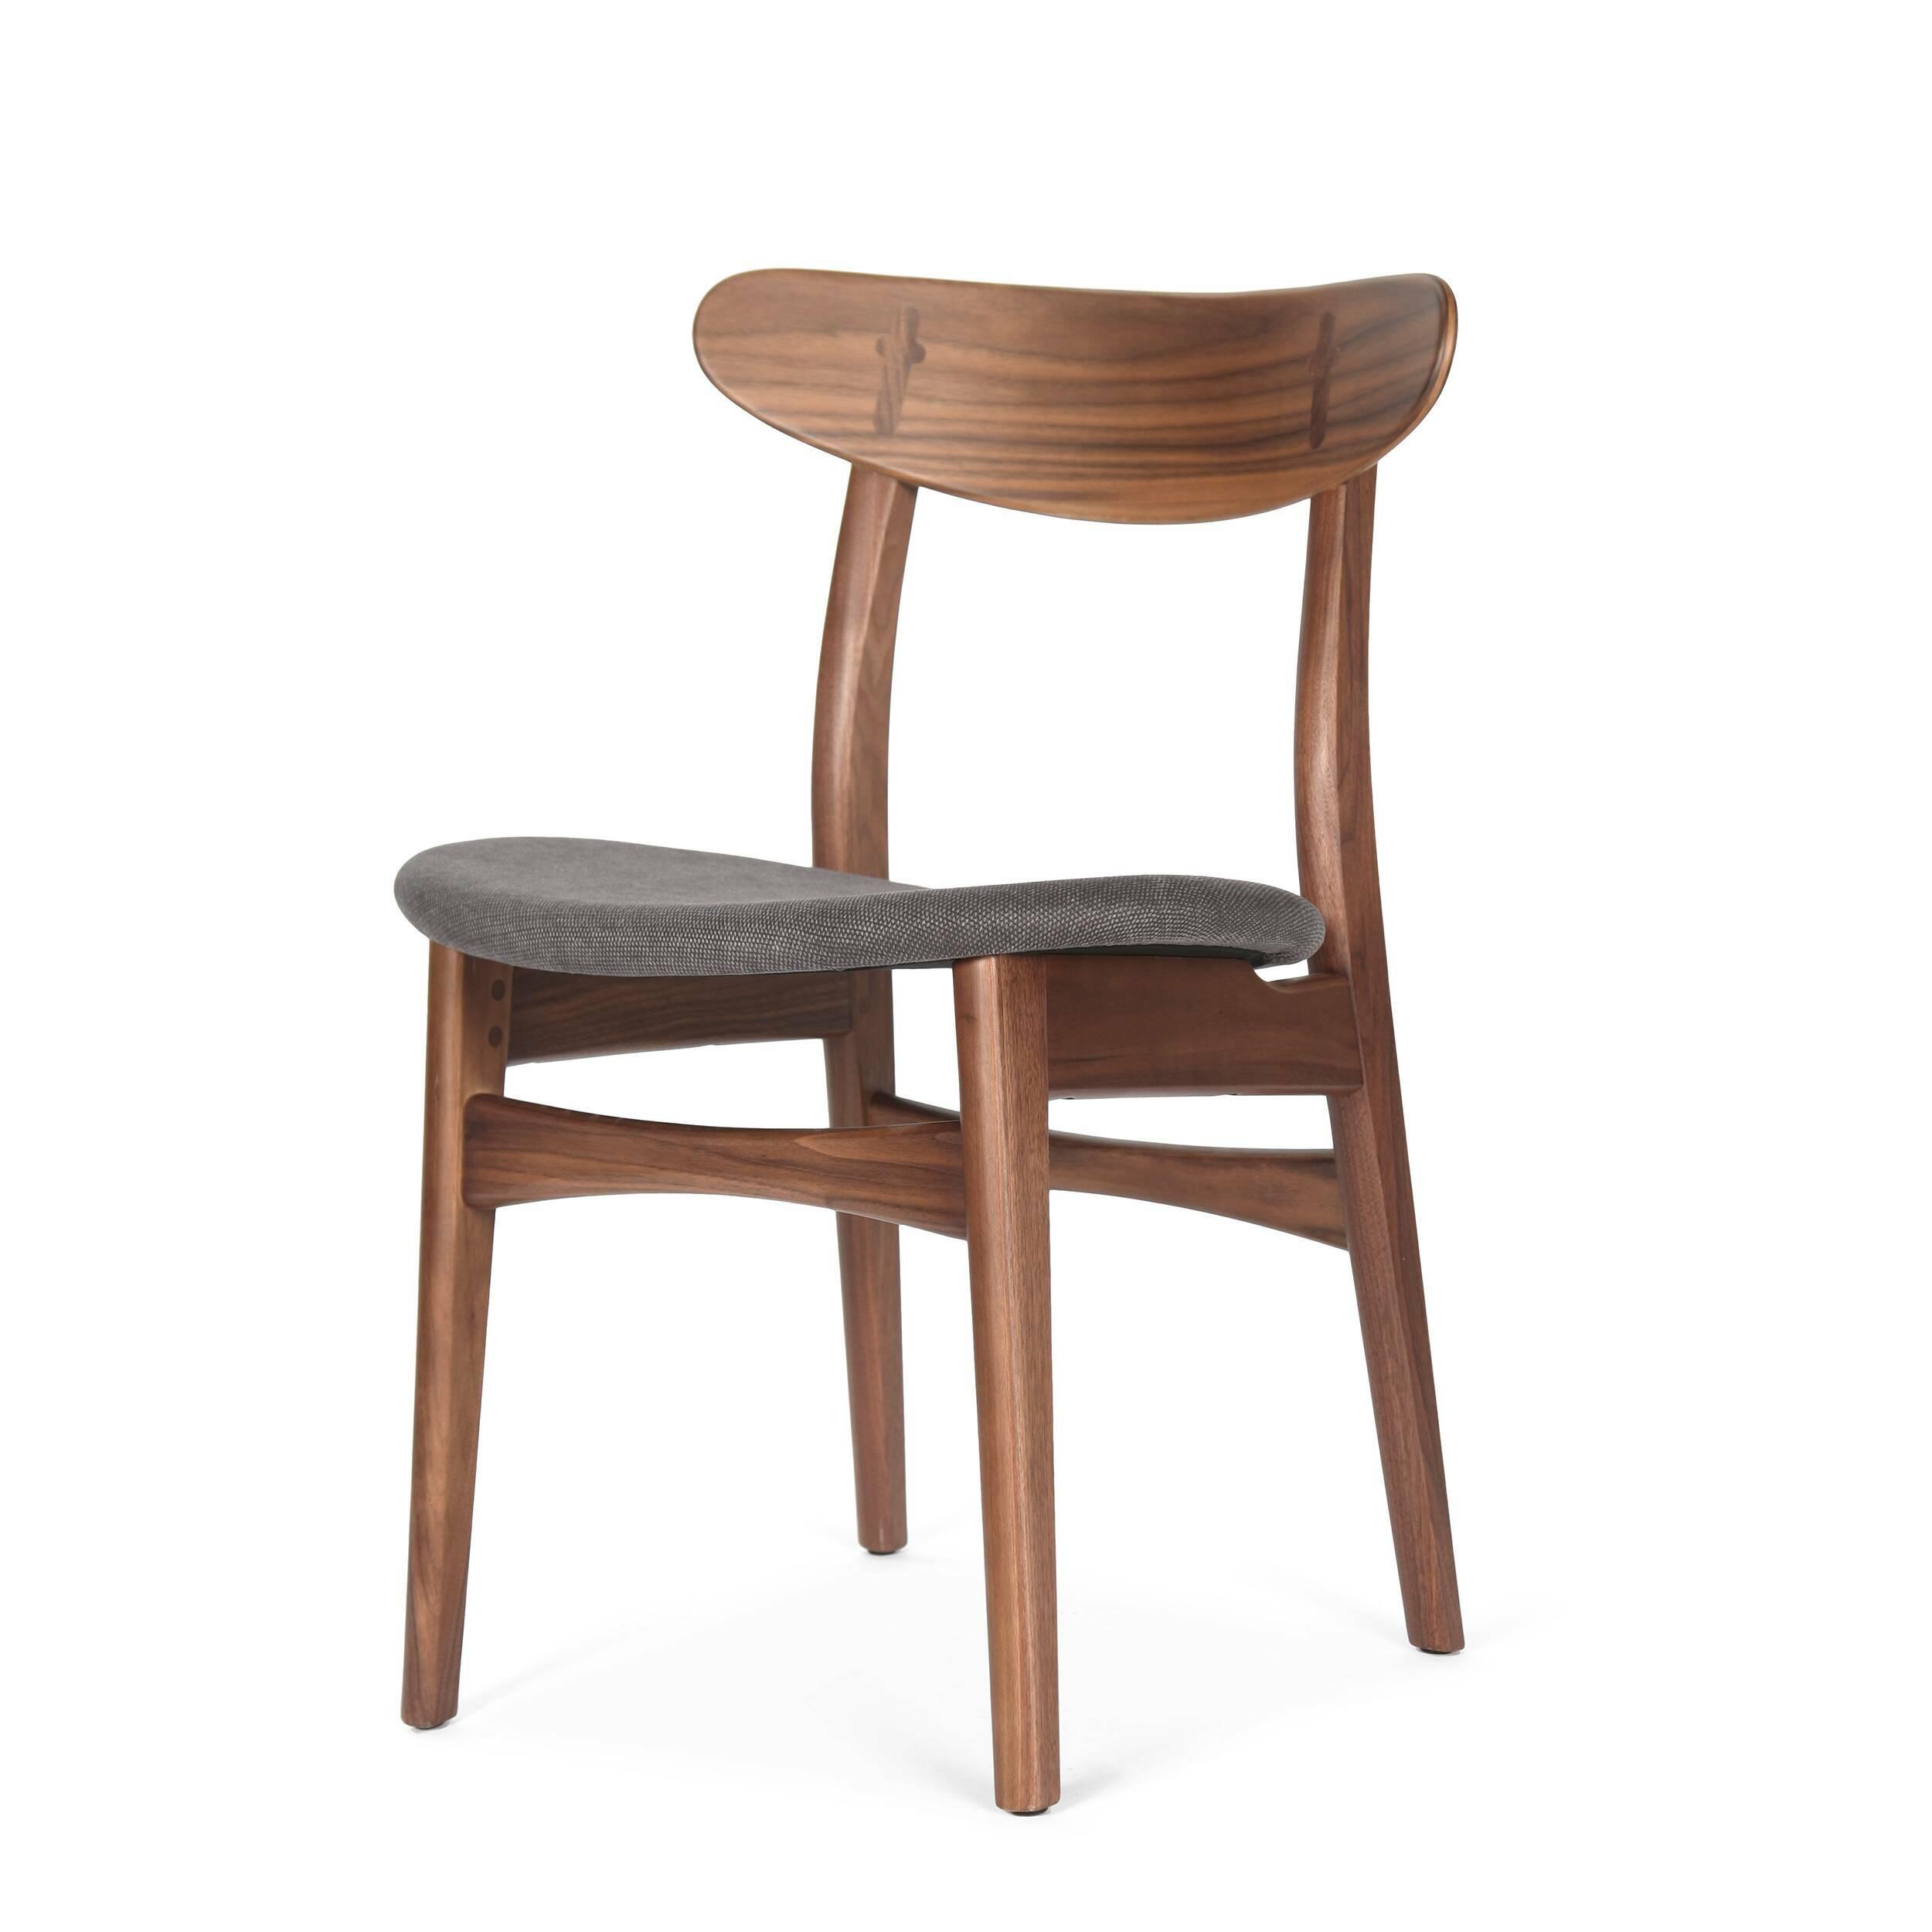 Деревянный стул Dutch 2 с мягким сиденьем от Cosmo купить в интернет-магазине дизайнерской мебели Cosmorelax